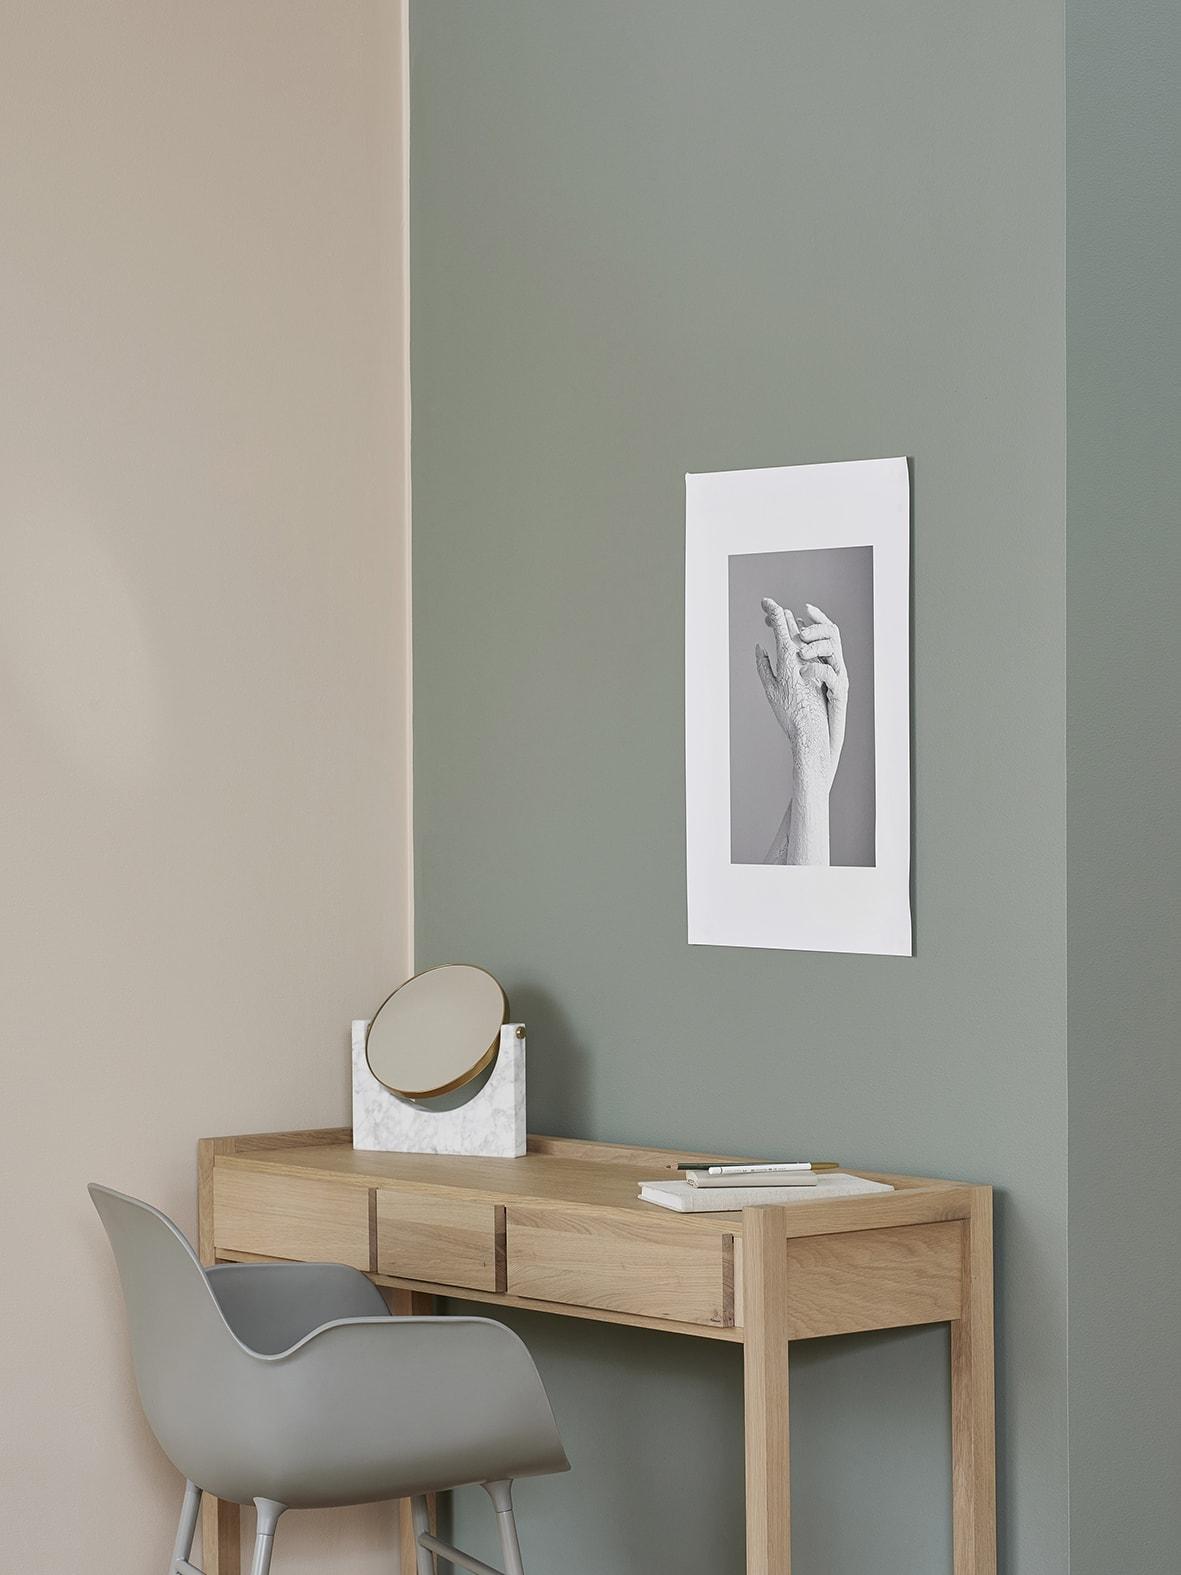 Coco Lapine design